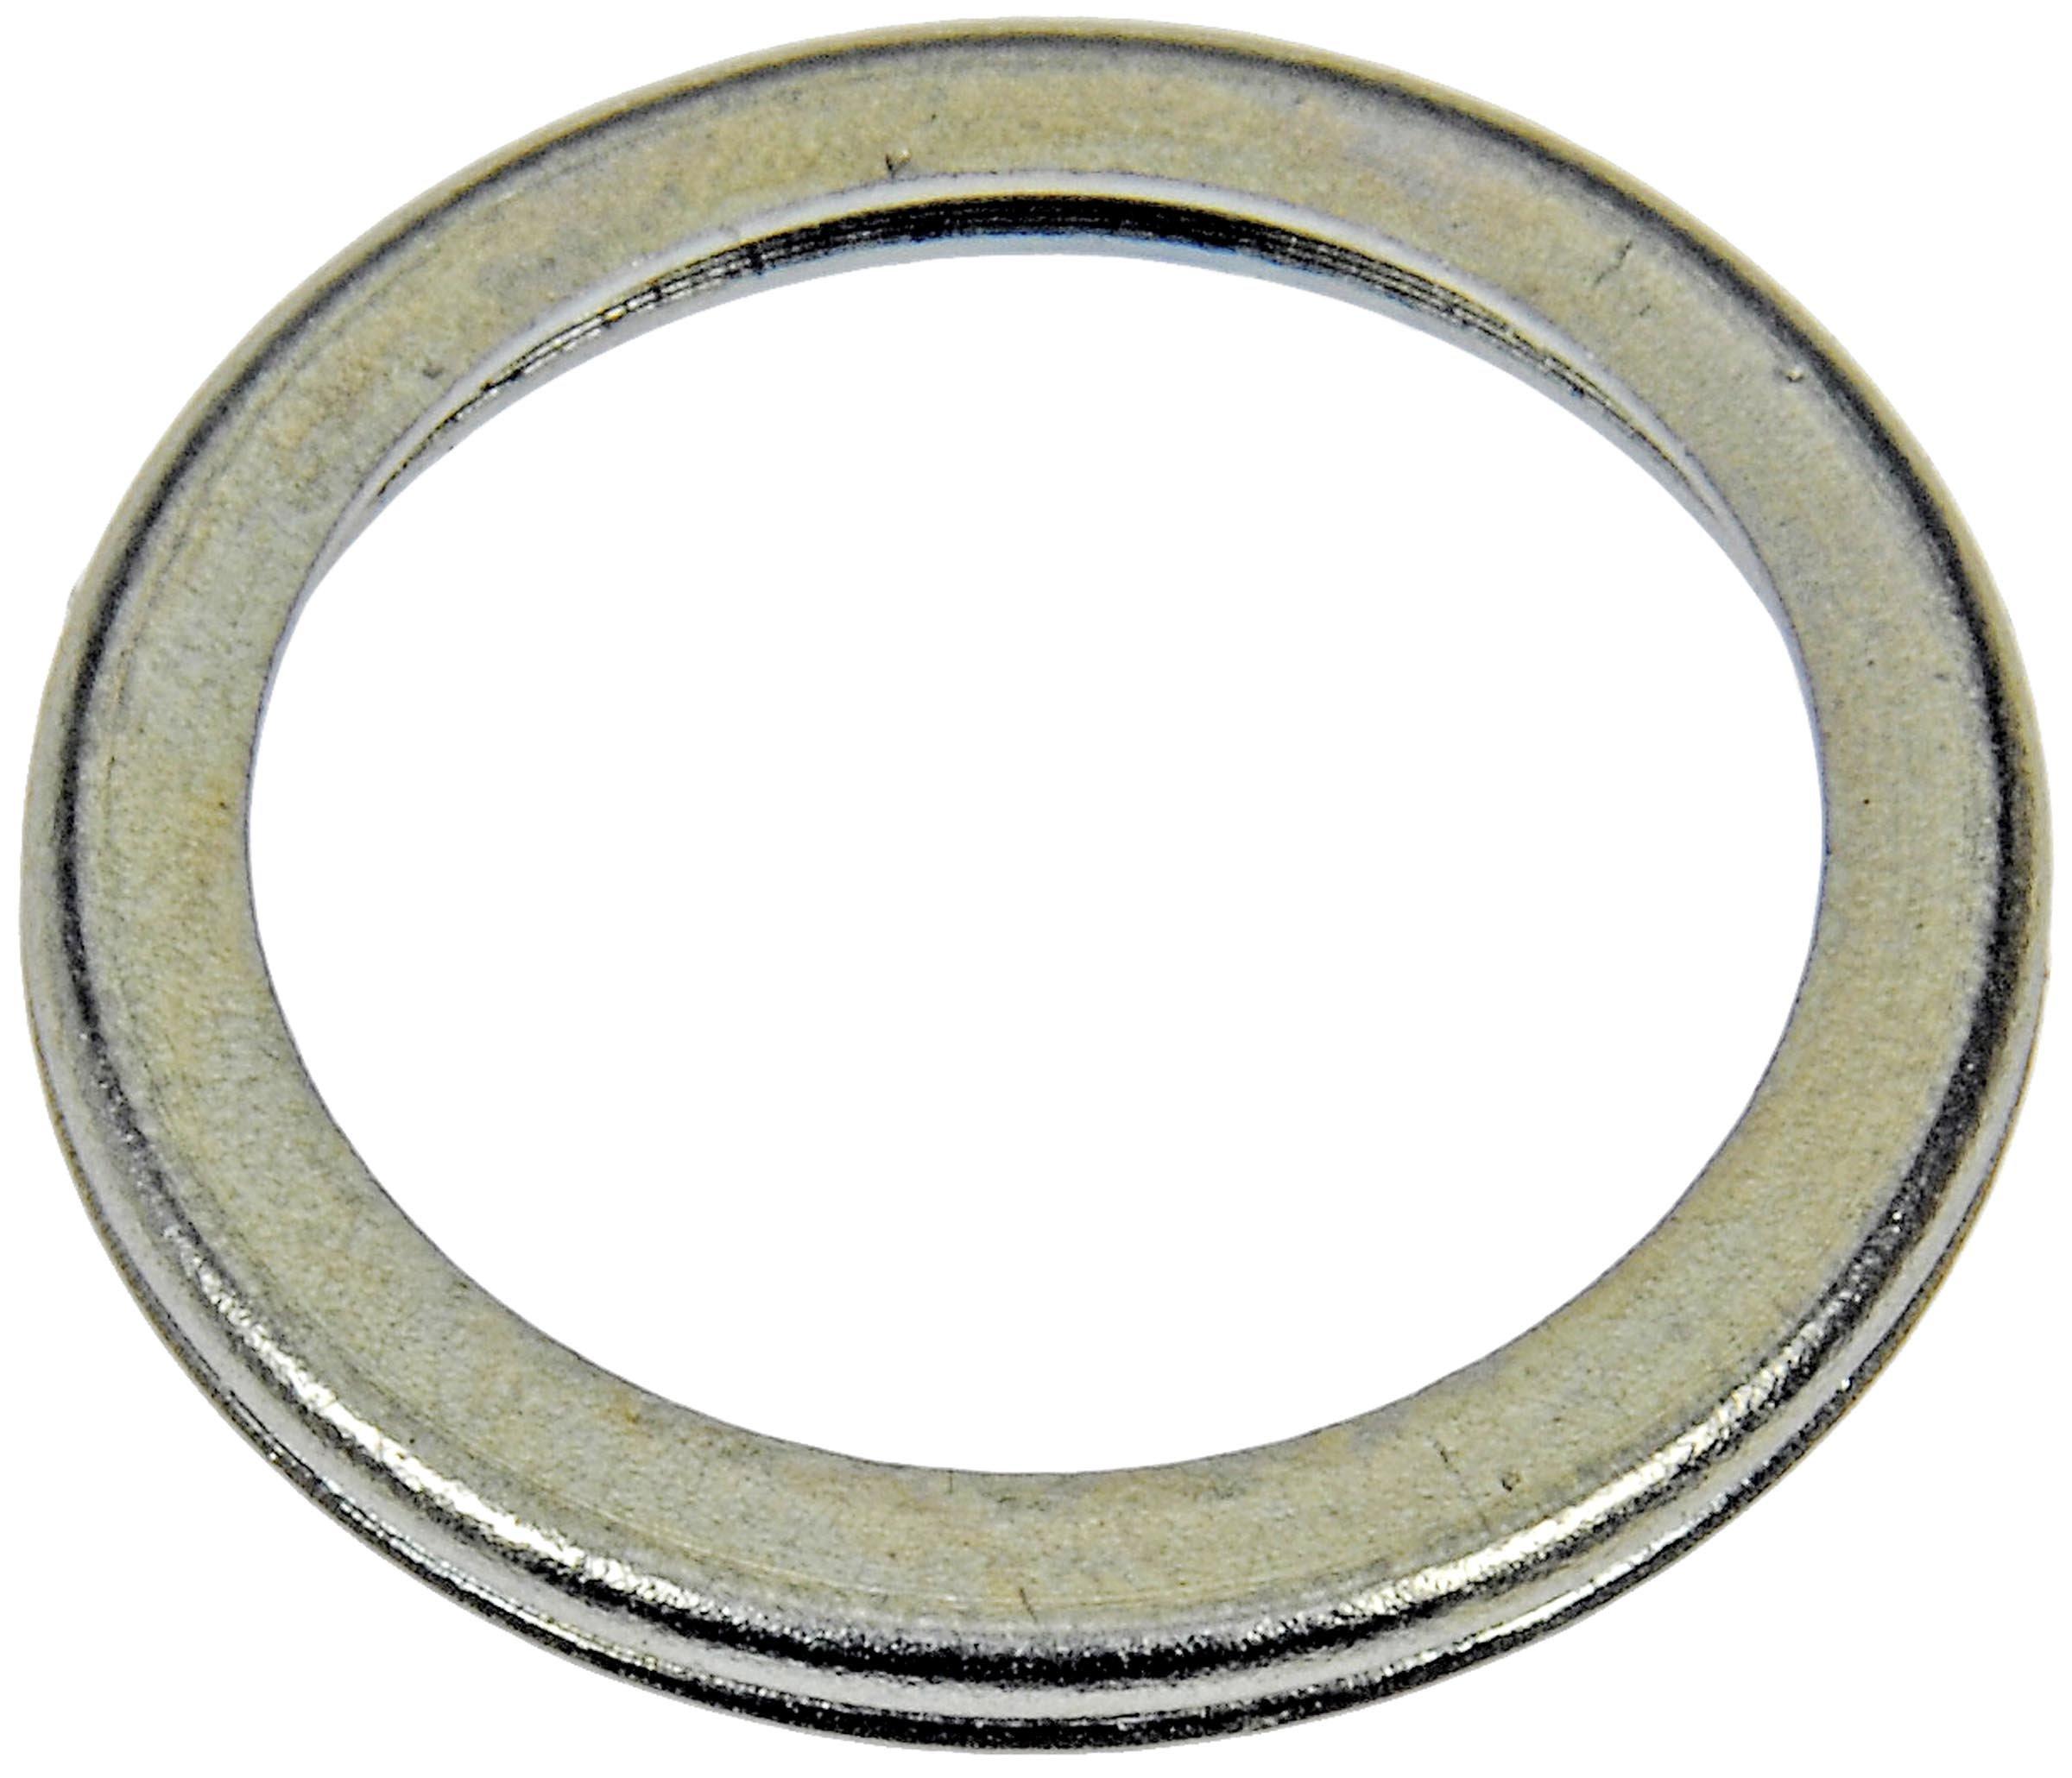 Dorman 095-159 Oil Drain Plug Gasket, (Pack of 10)